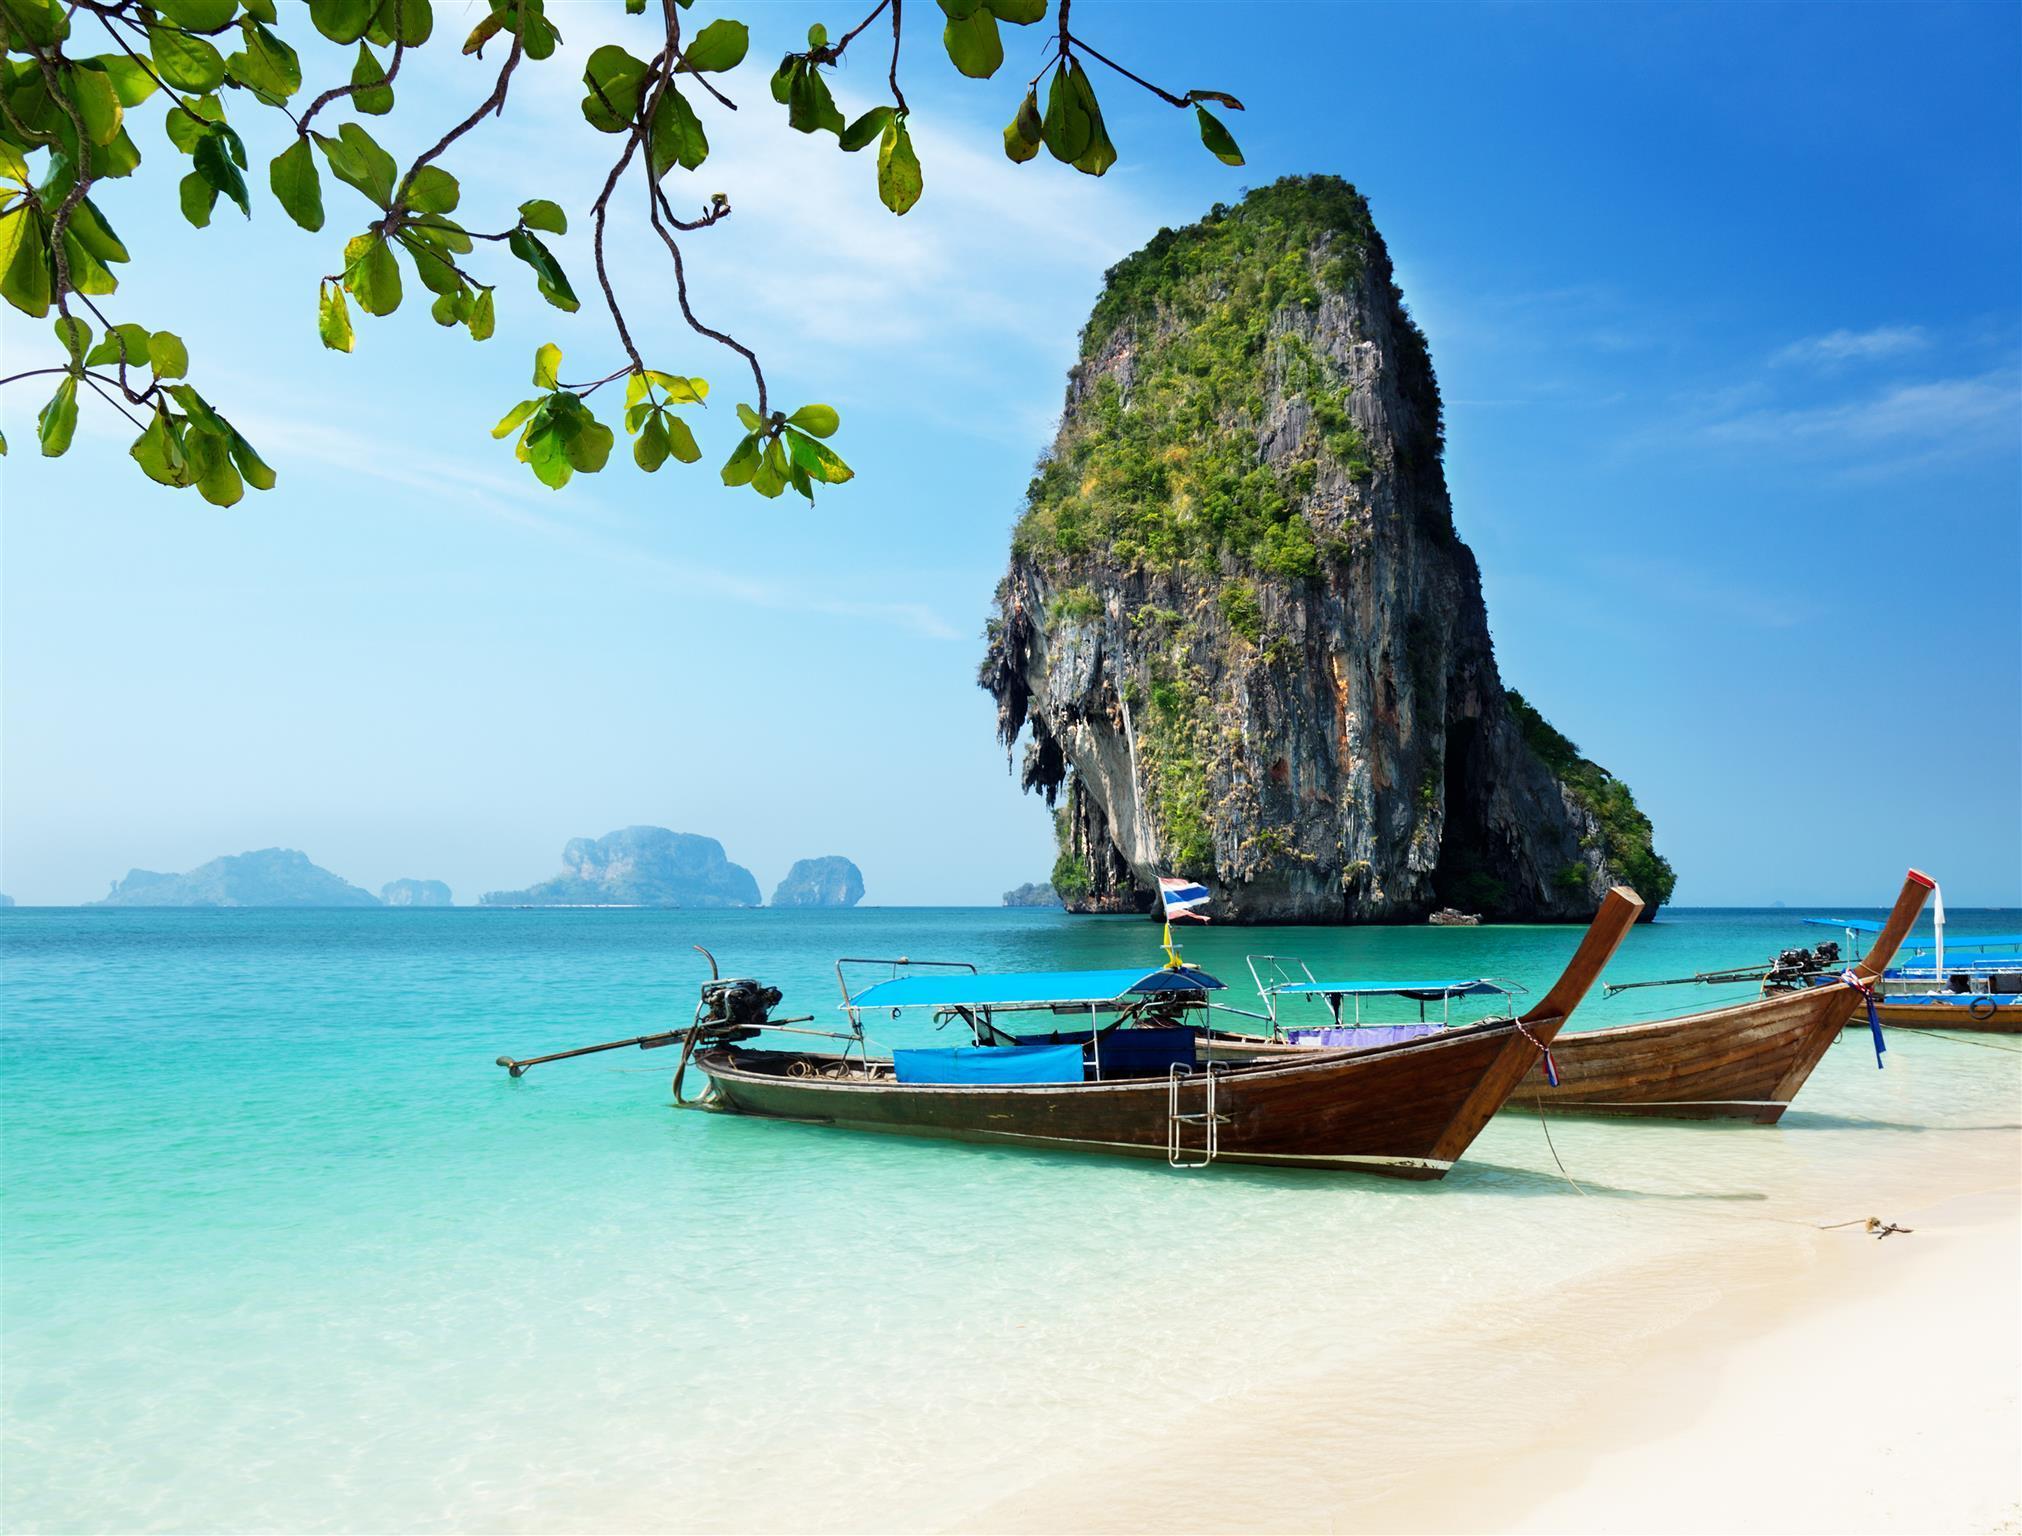 Туры в тайланд в мае 2018 отдых в тайланде советы